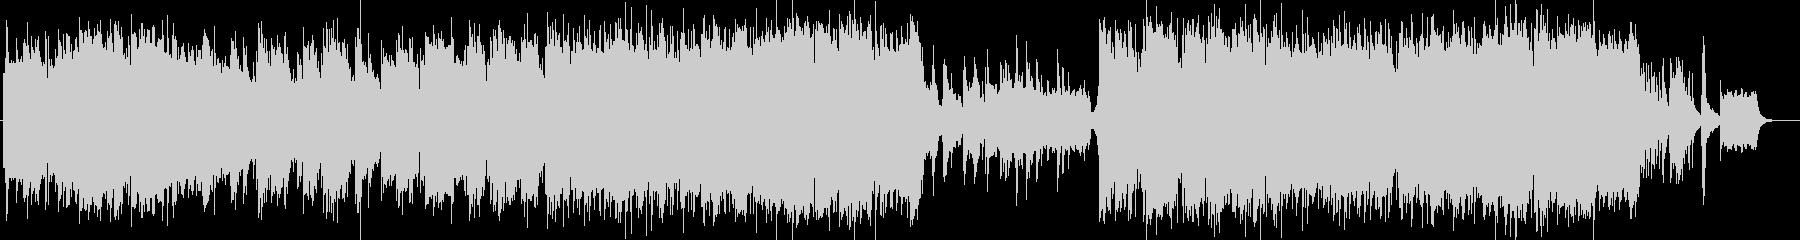 美しく切ないシンセピアノサウンドの未再生の波形